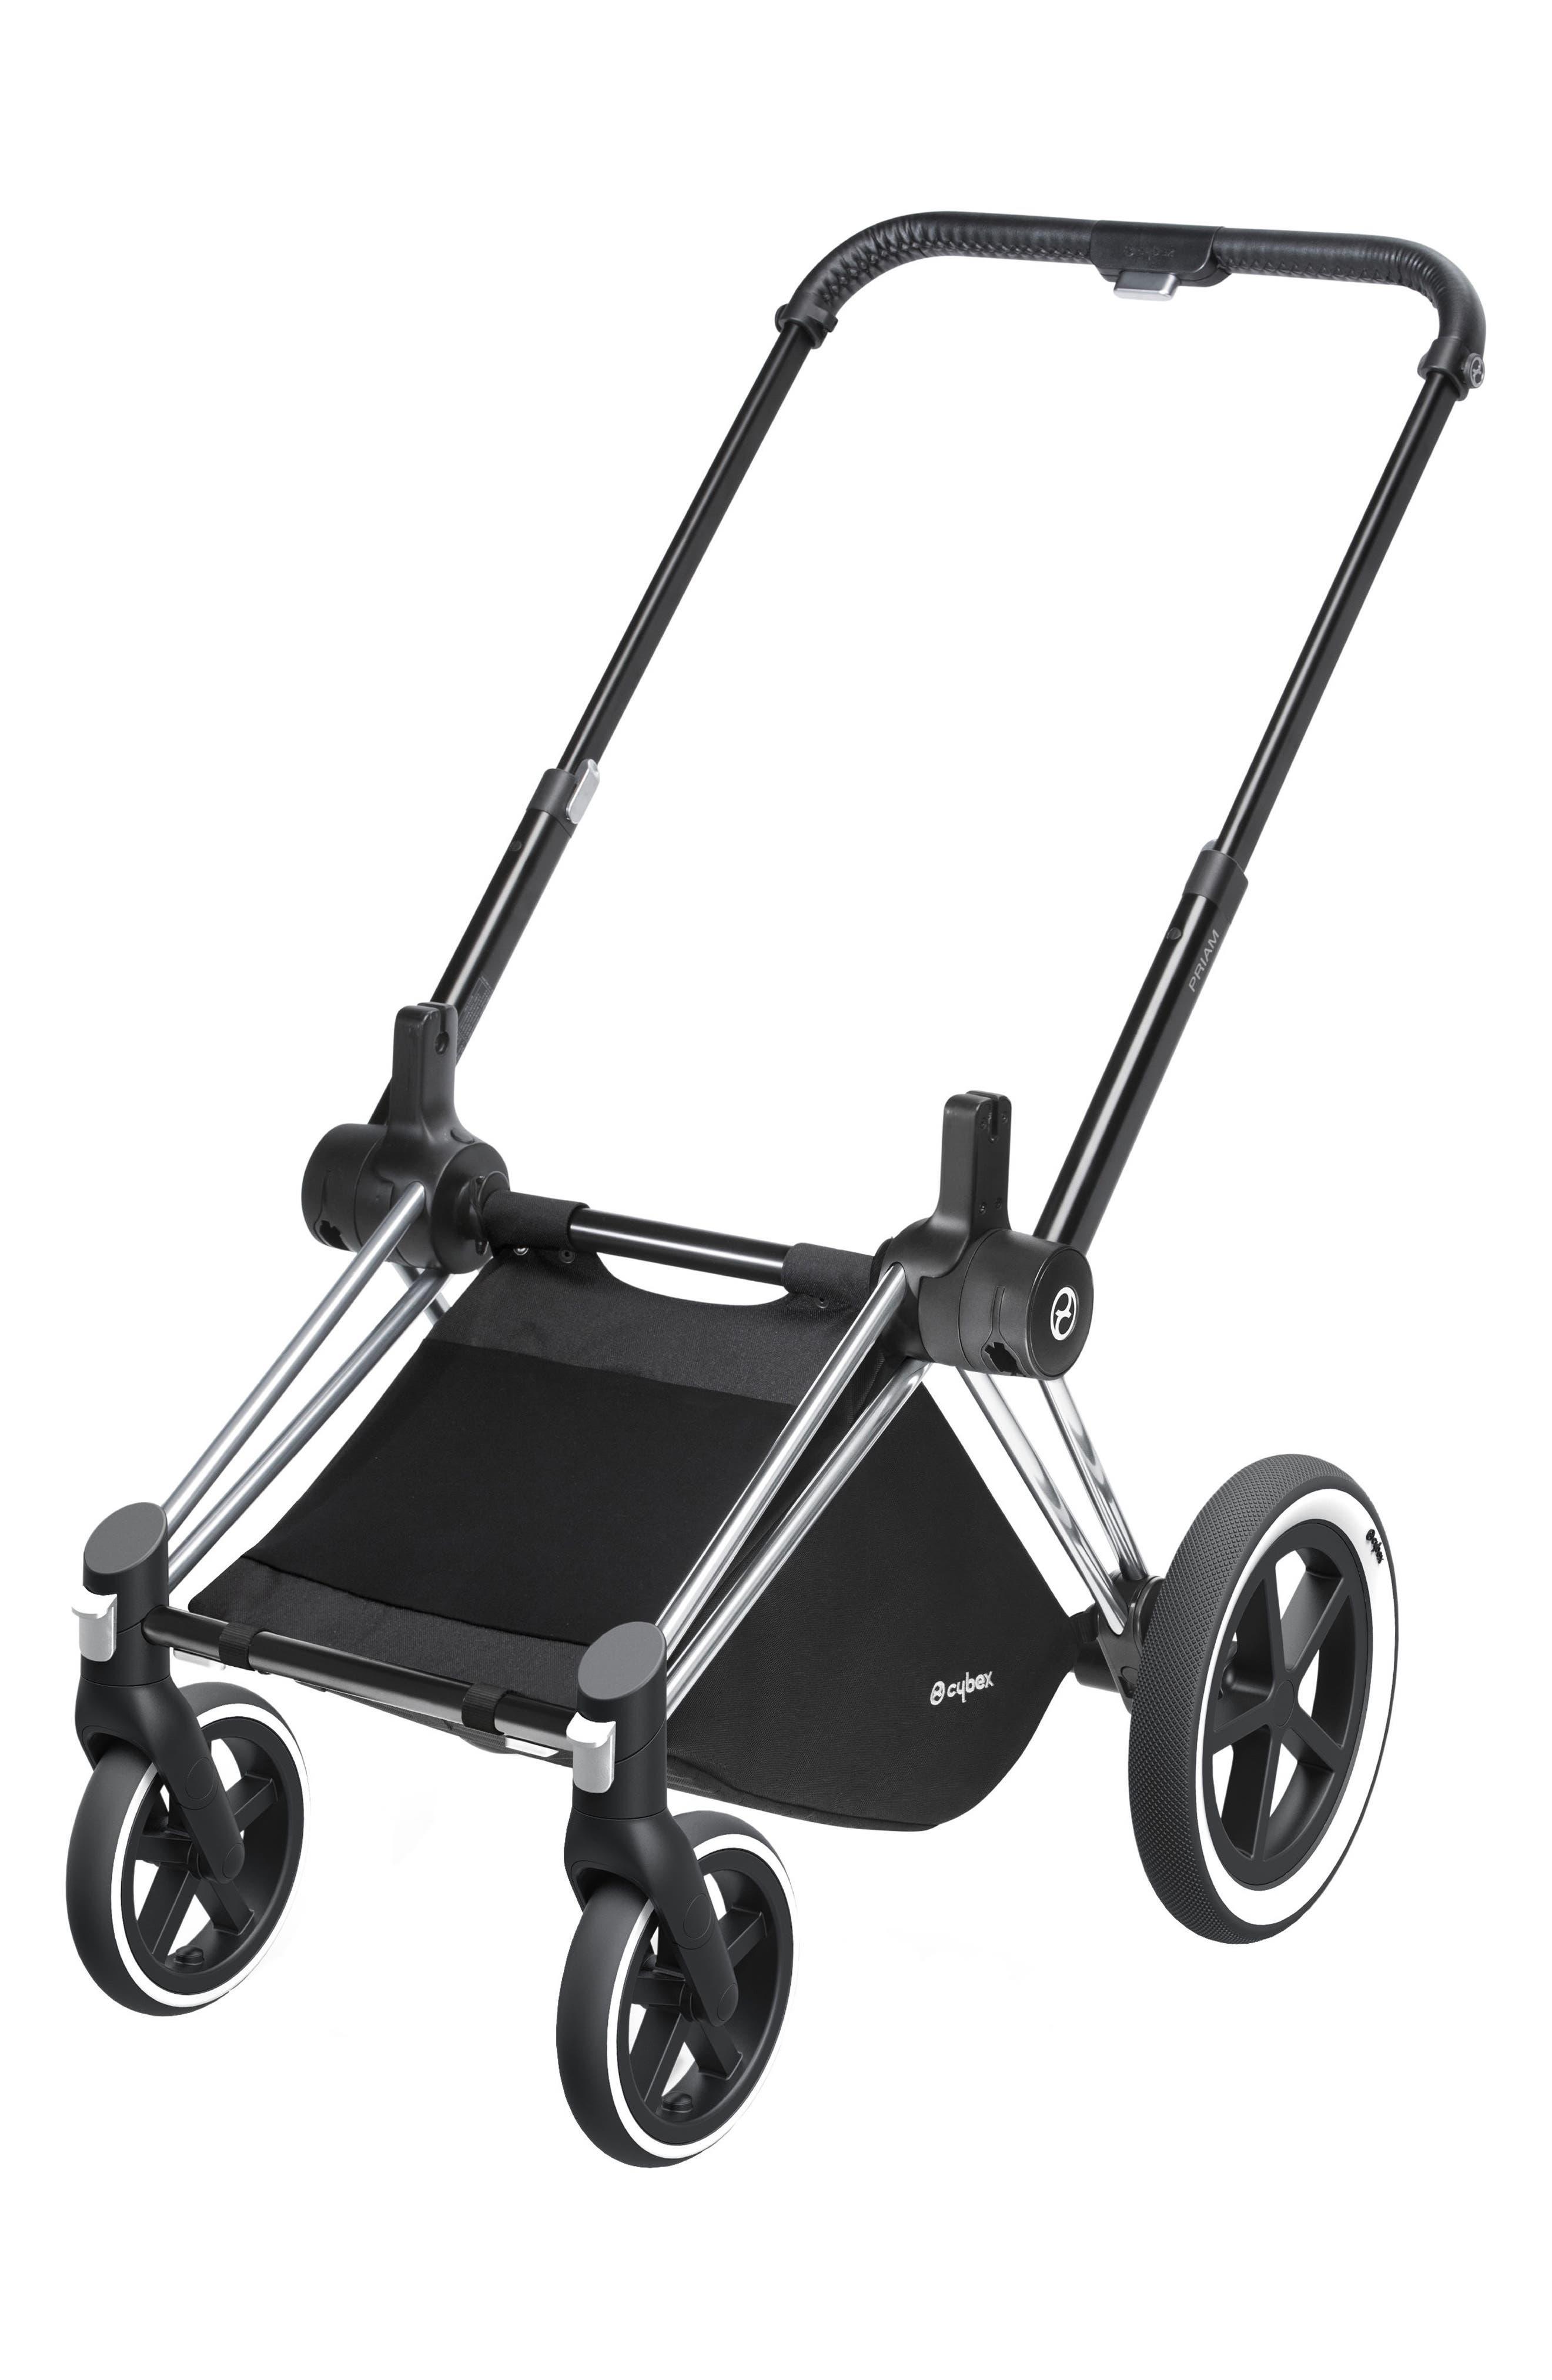 Priam Stroller Frame with All Terrain Wheels,                             Main thumbnail 1, color,                             ALL TERRAIN